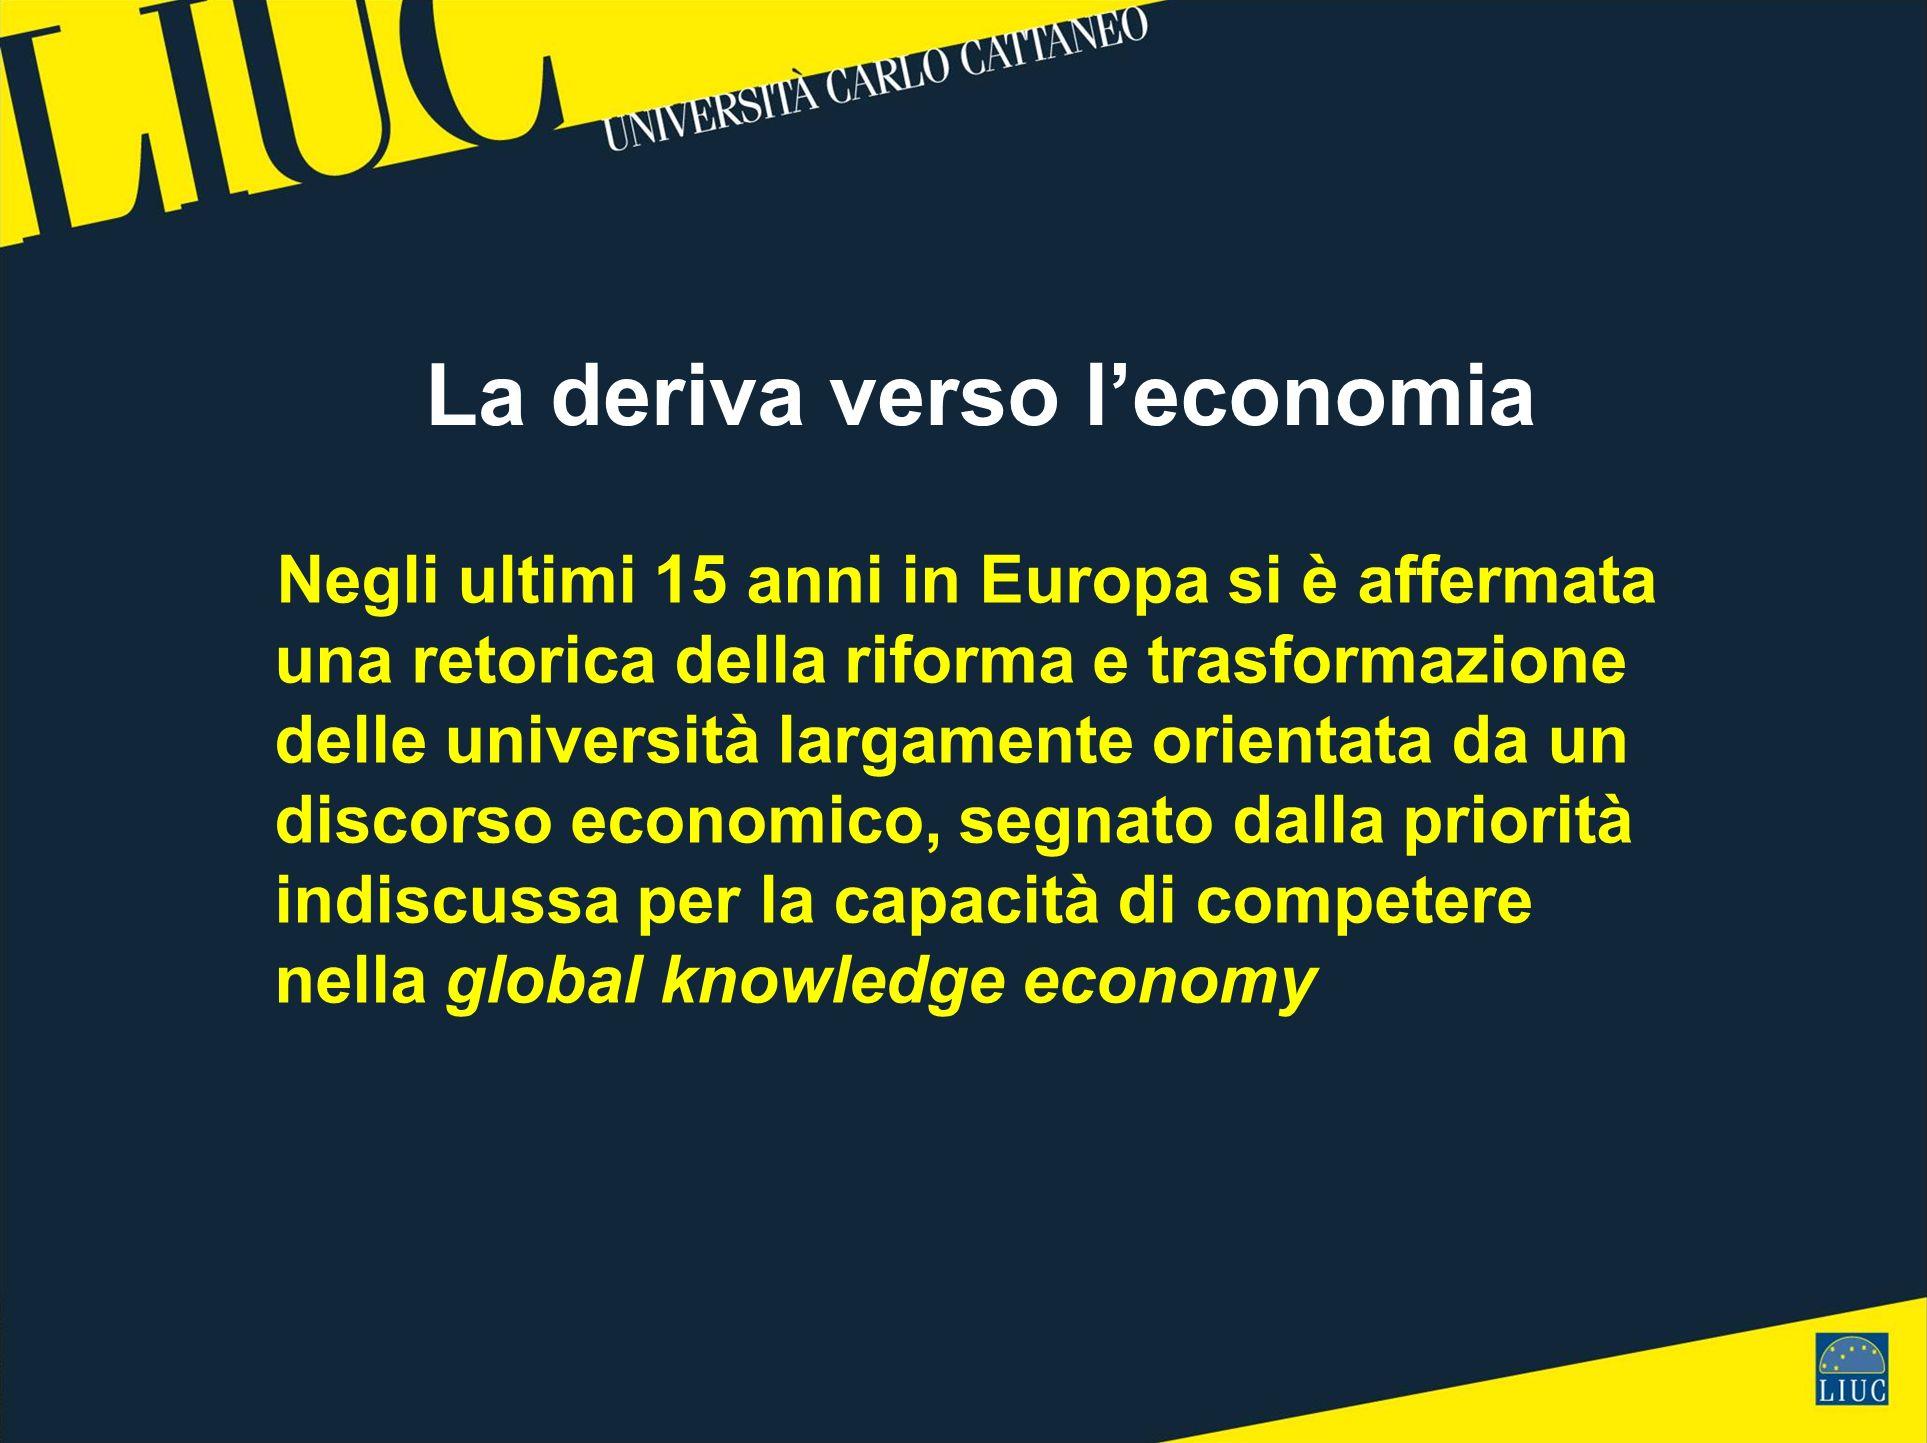 La deriva verso leconomia Negli ultimi 15 anni in Europa si è affermata una retorica della riforma e trasformazione delle università largamente orientata da un discorso economico, segnato dalla priorità indiscussa per la capacità di competere nella global knowledge economy